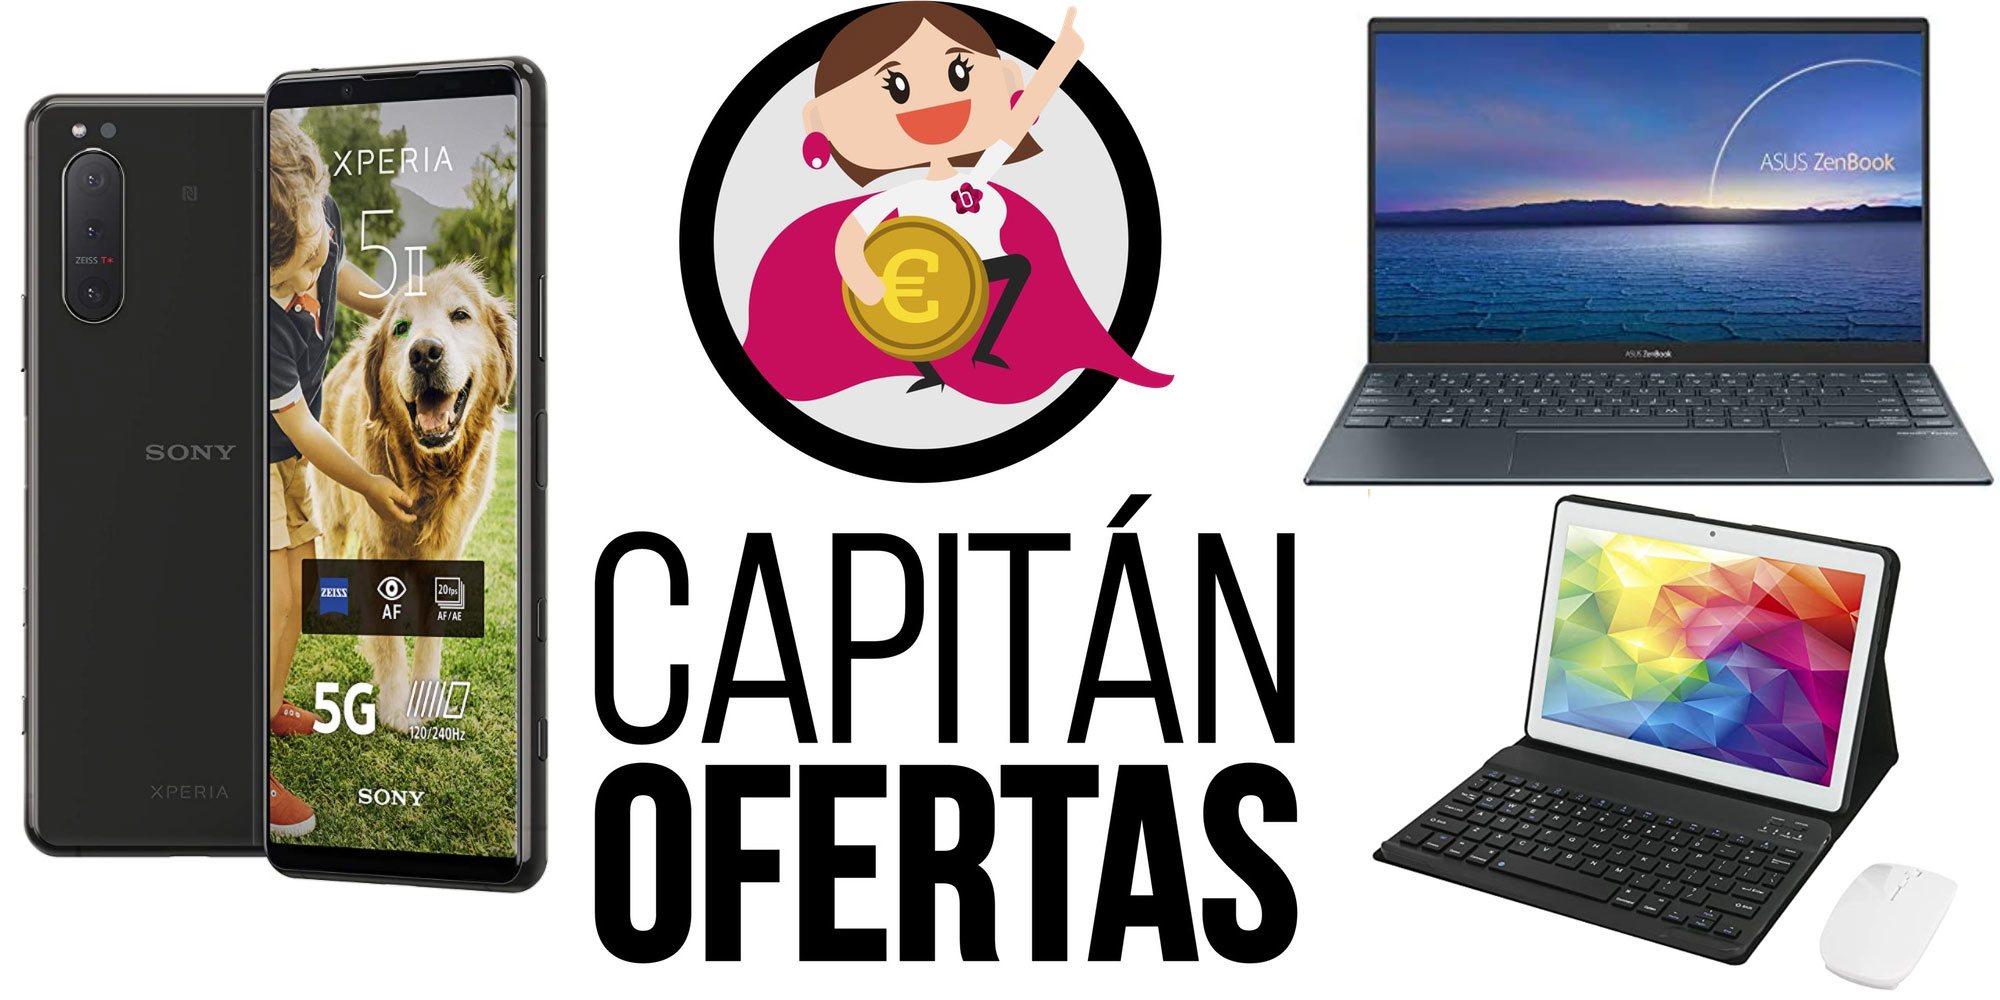 Los mejores descuentos para disfrutar de la tecnología con Capitán Ofertas